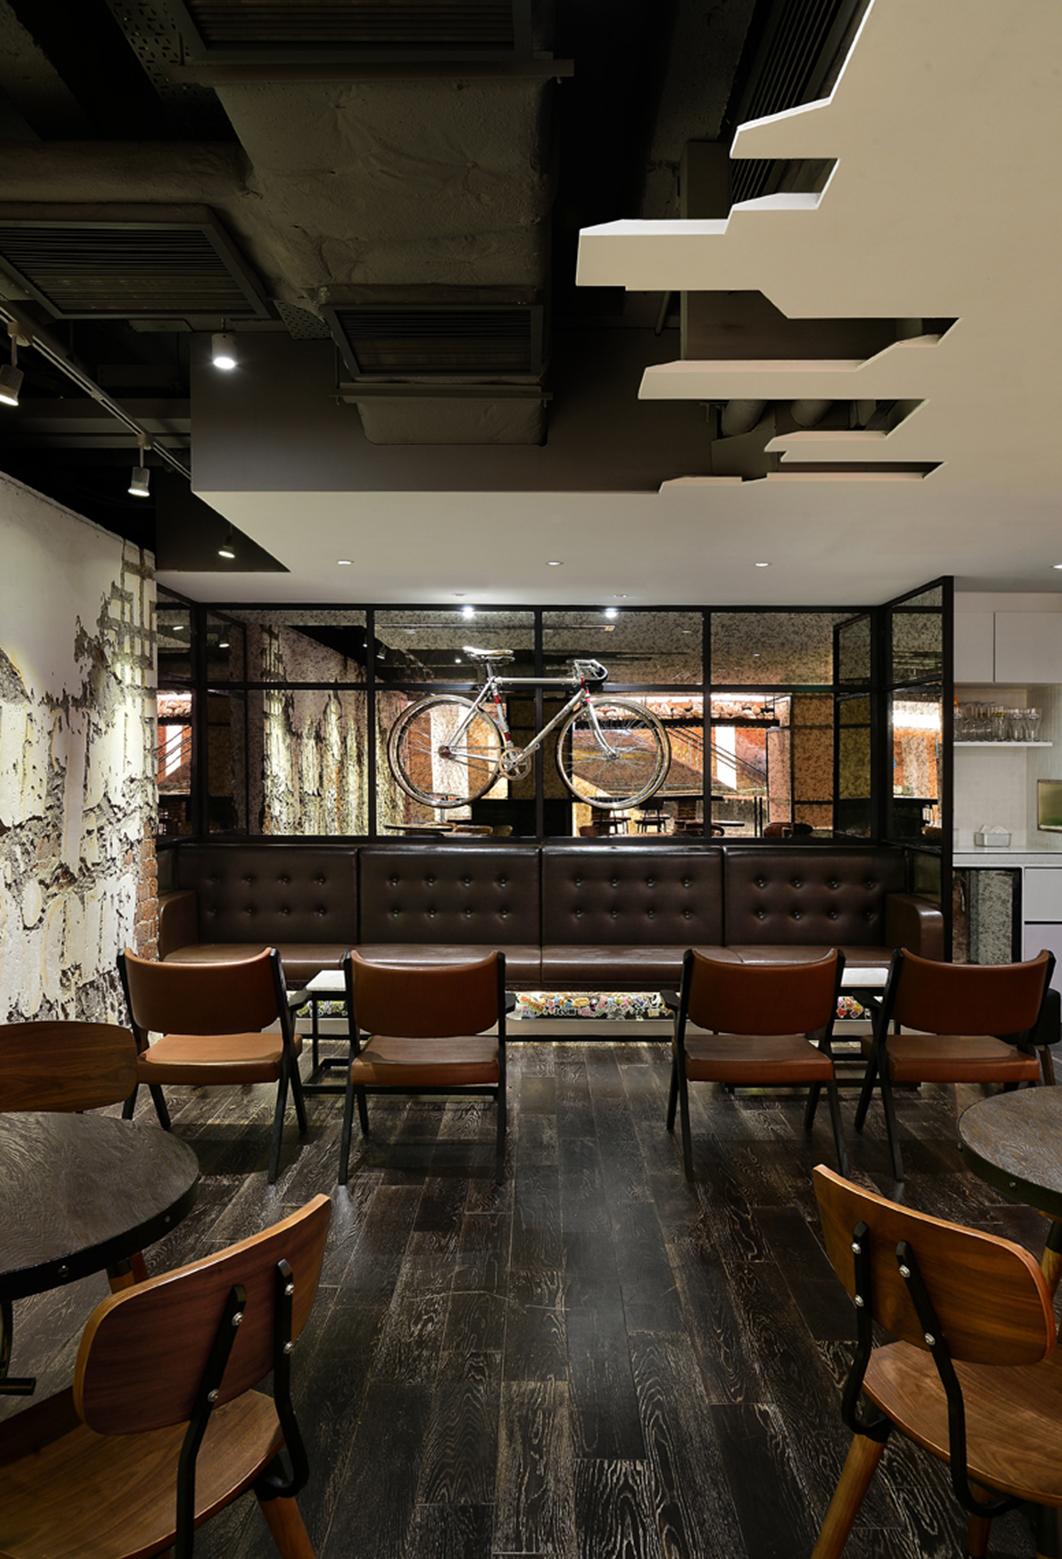 Cafetería Urban en Hong Konk por Joey Ho Design. Fuente archdaily.com interiorismo corporativo